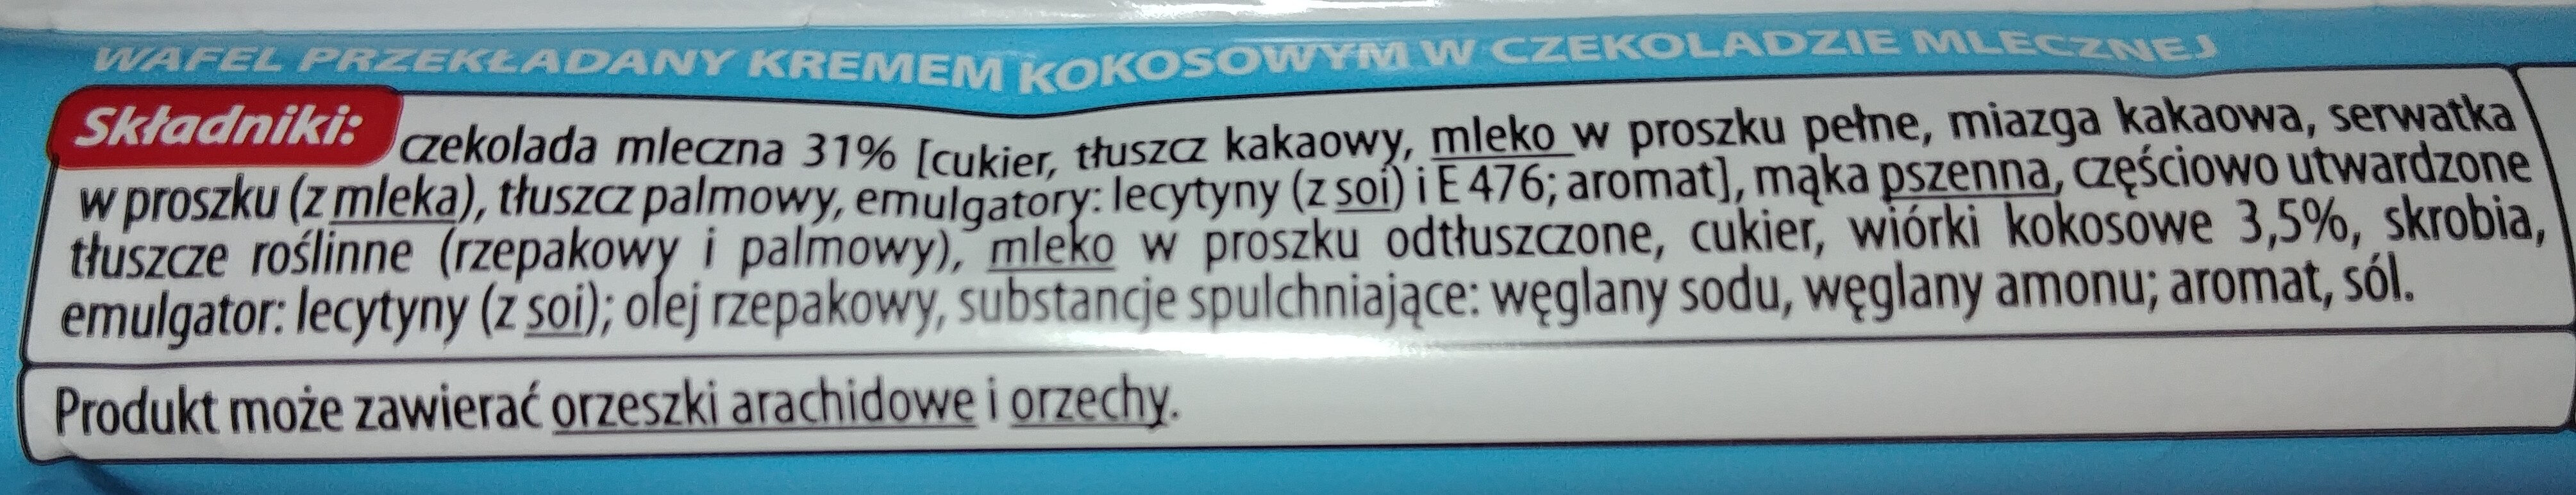 Wafel przekładany kremem kokosowym w czekoladzie mlecznej - Składniki - pl